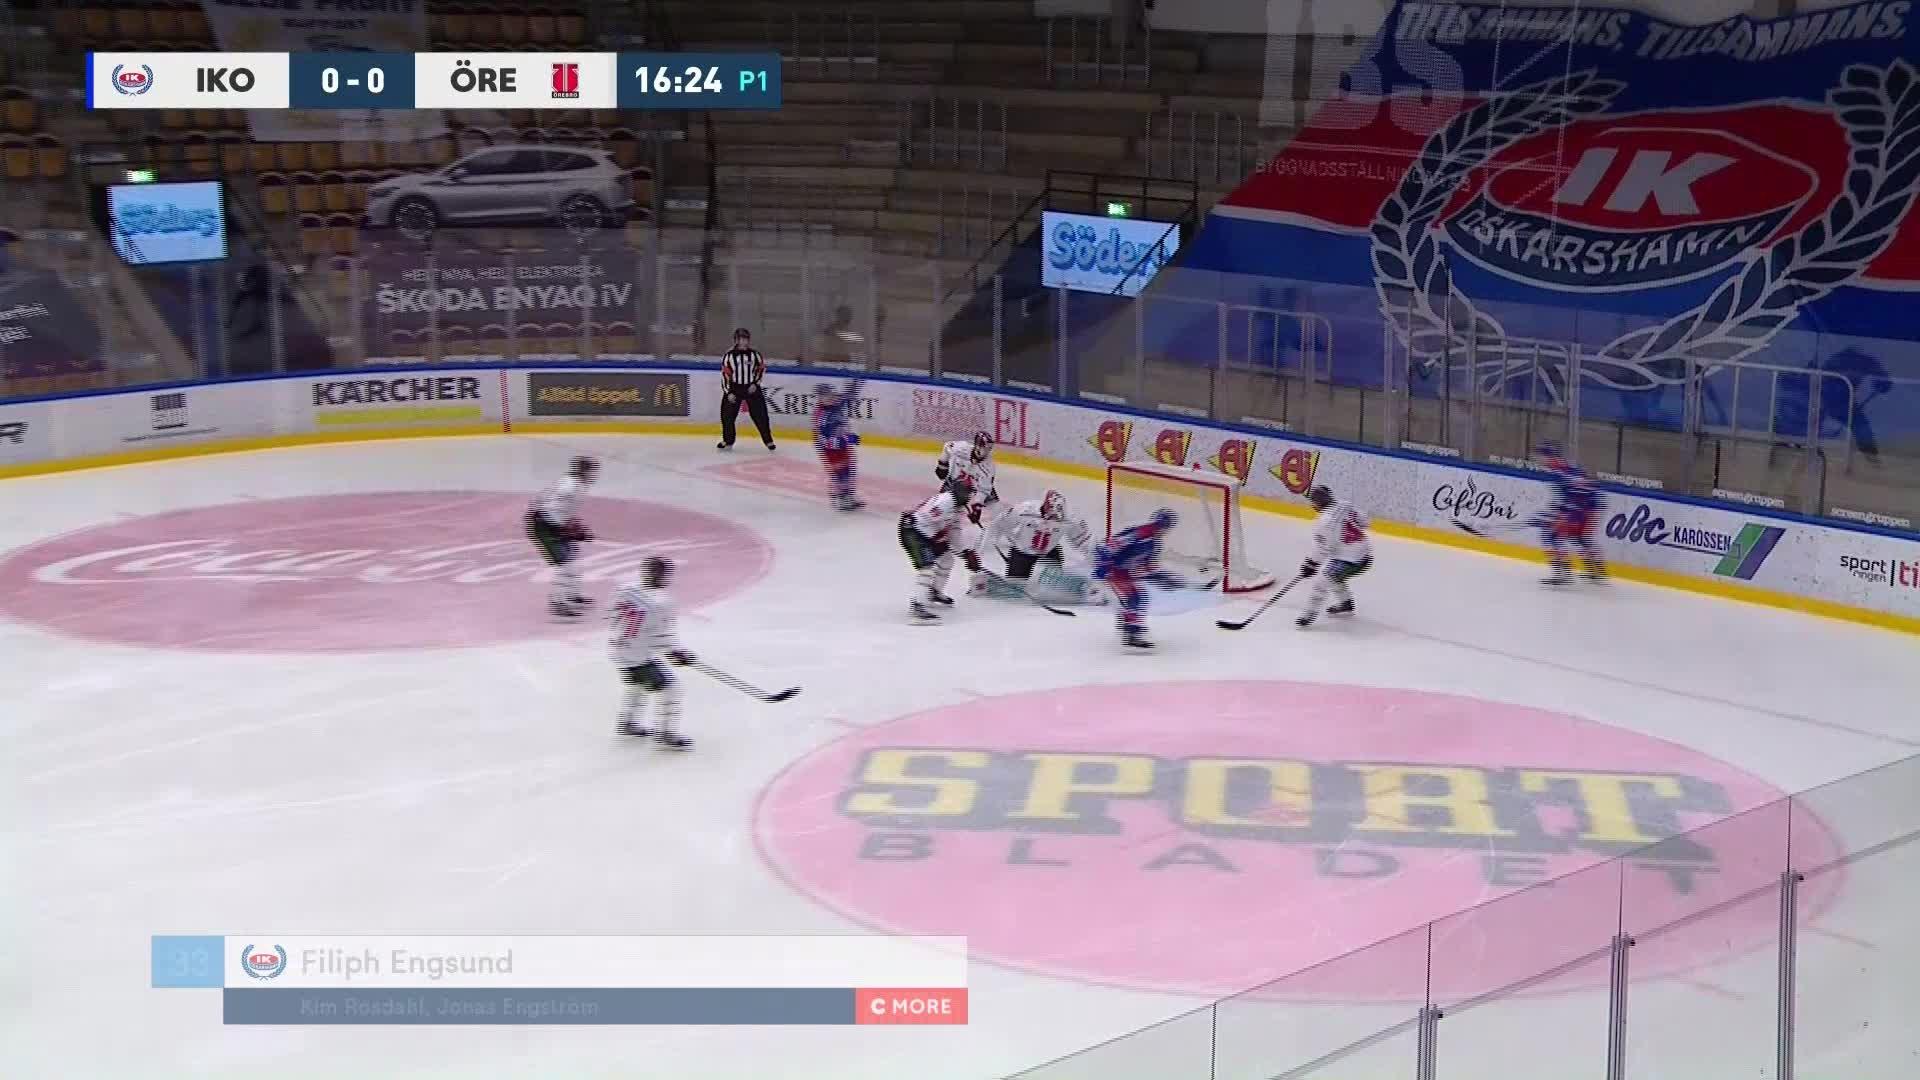 IK Oskarshamn - Örebro Hockey 1-0